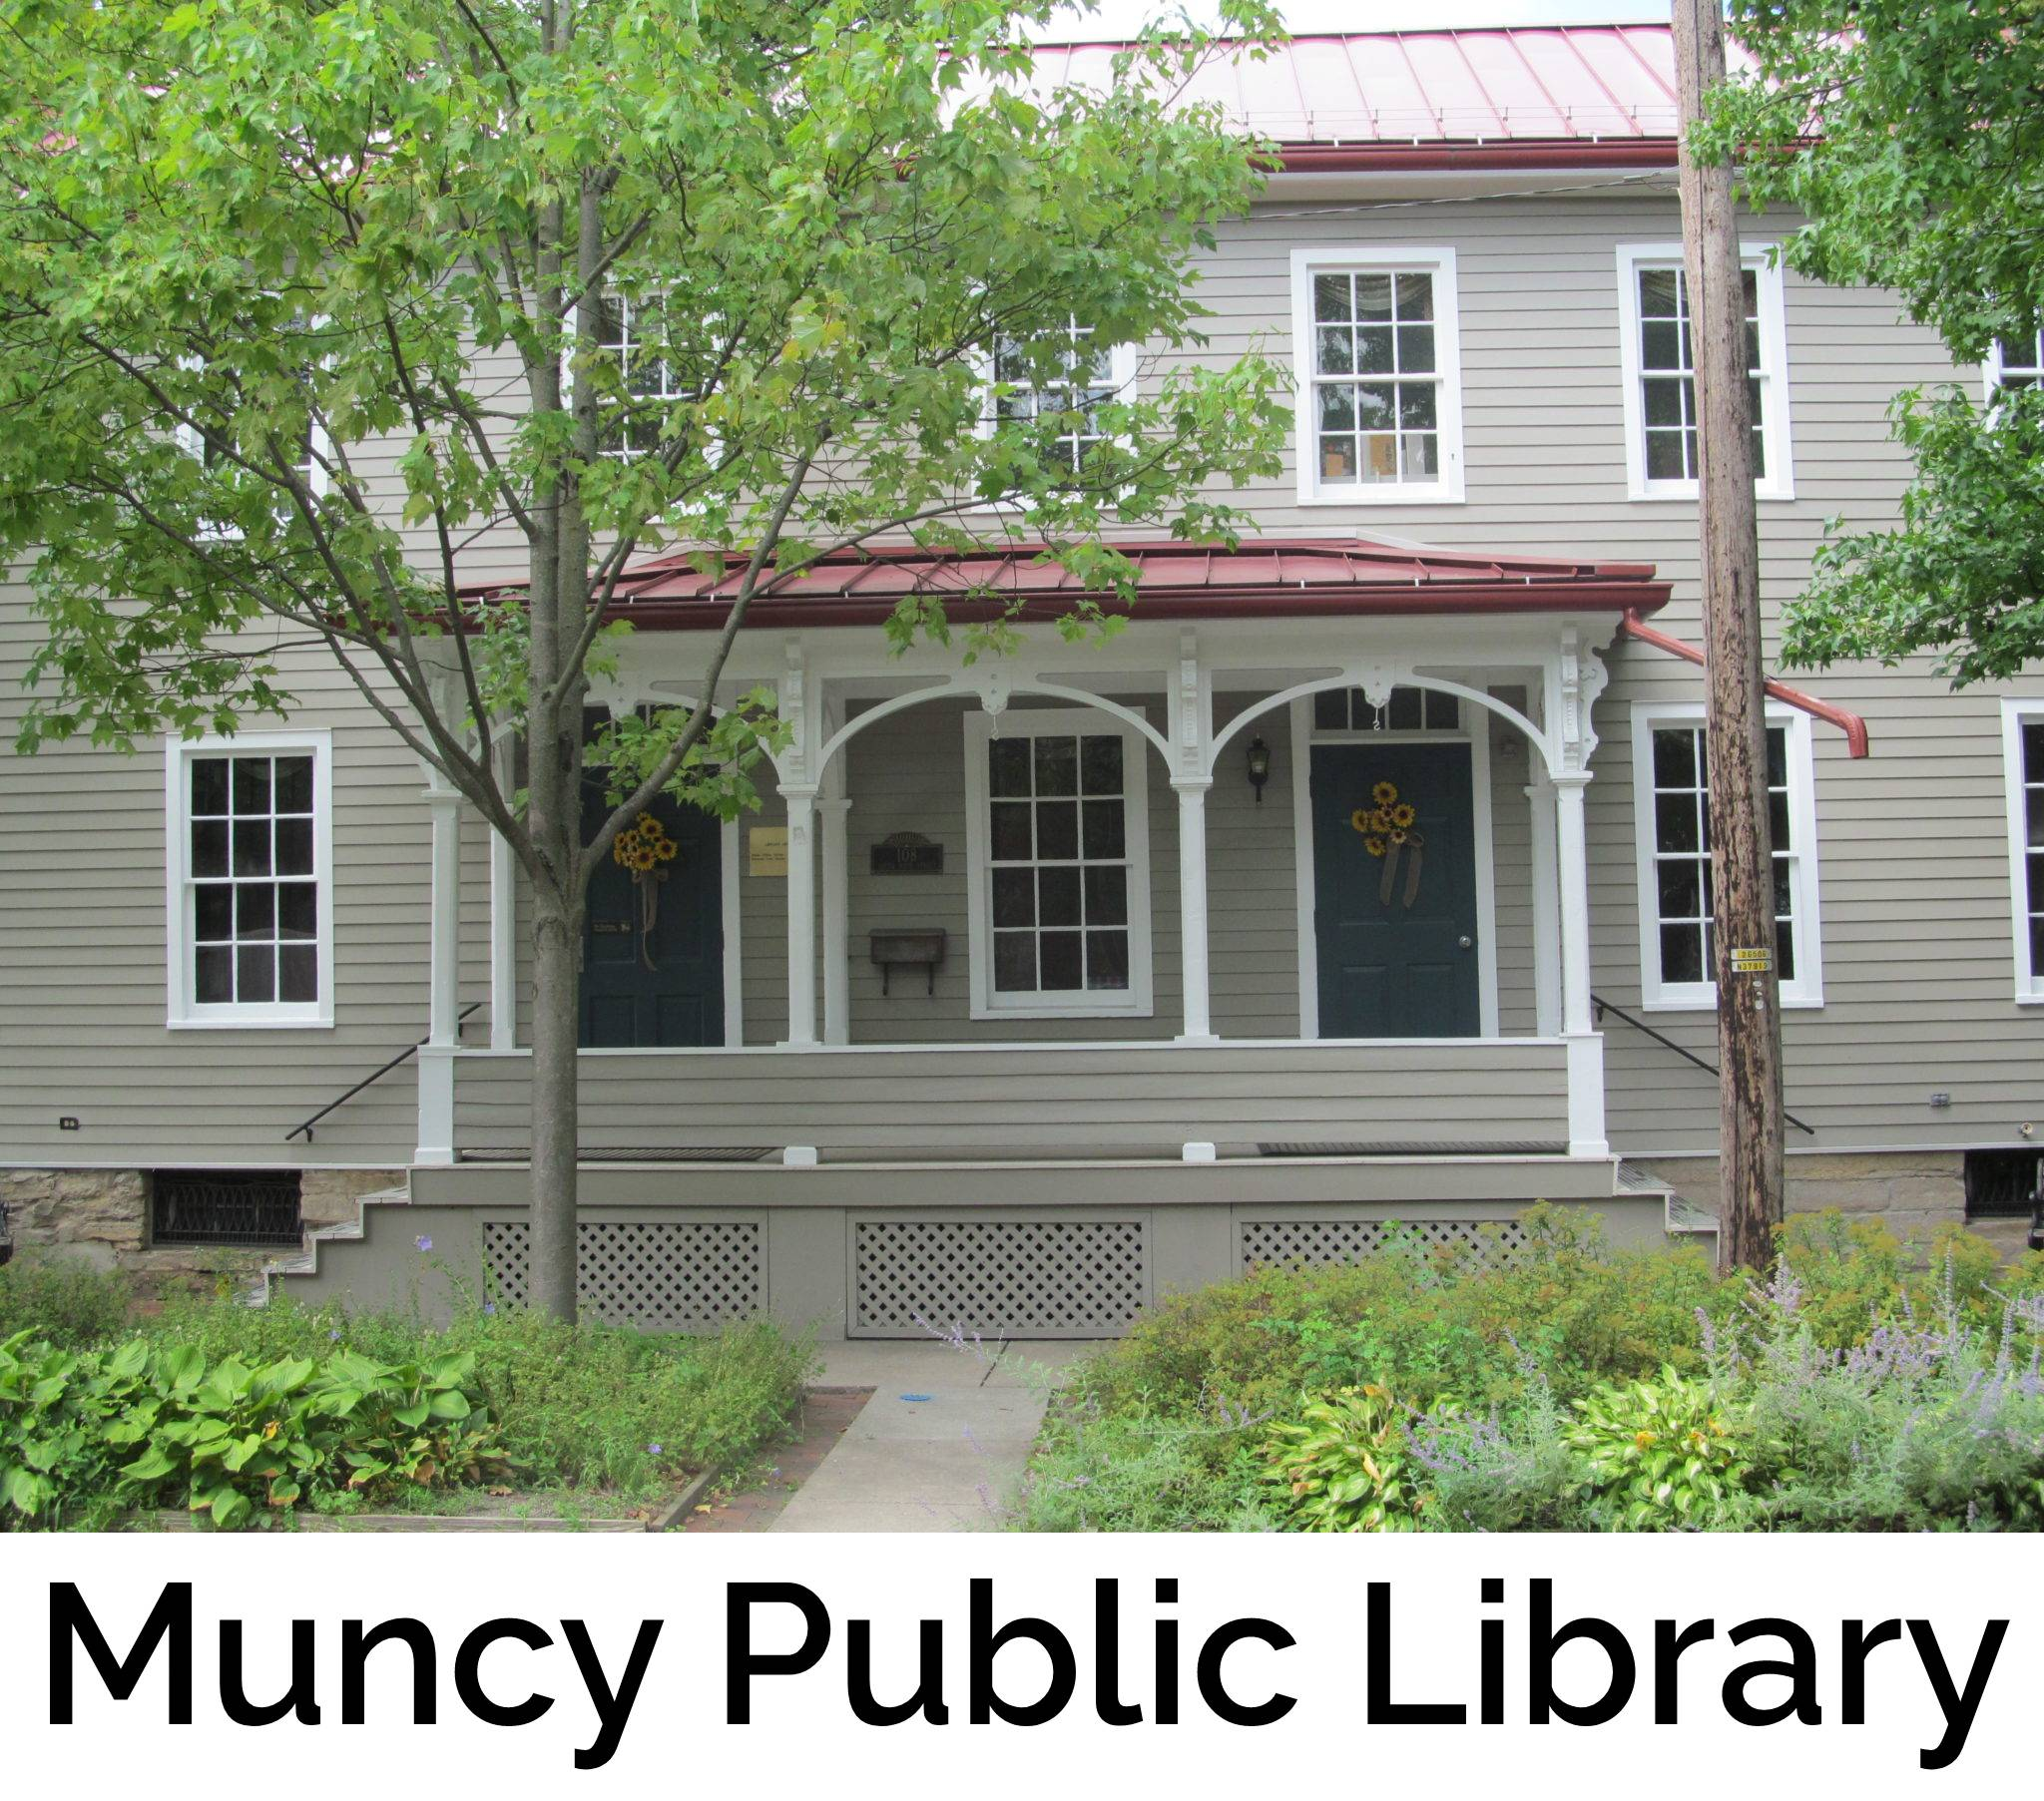 muncy library street view (1)